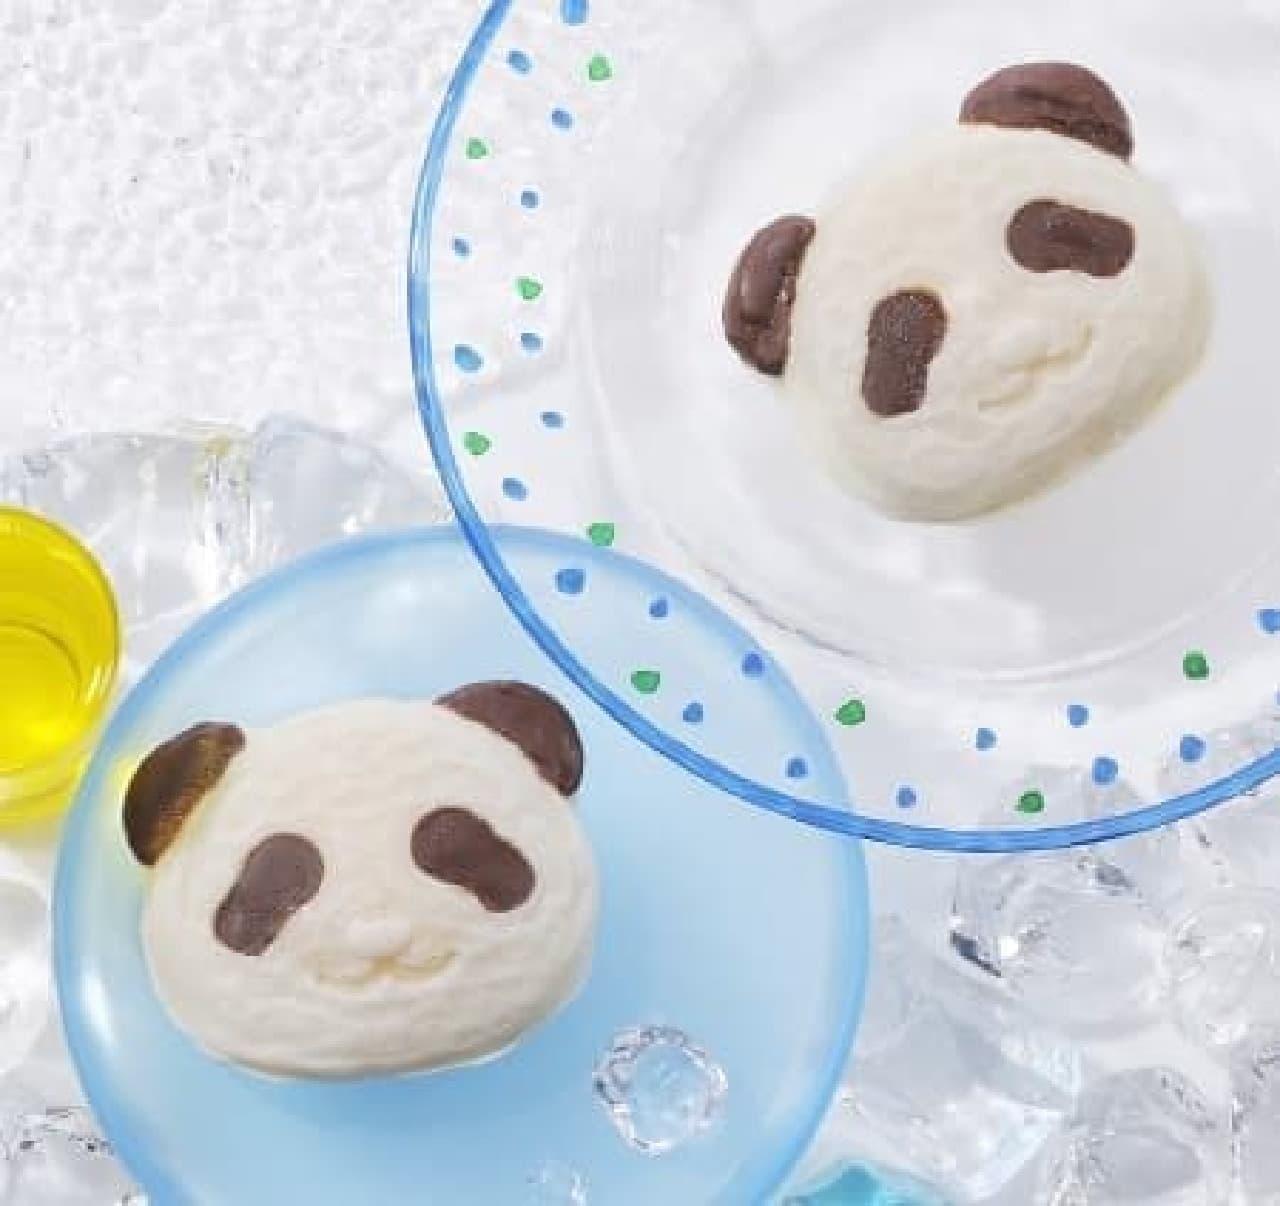 ひんやり冷えたパンダはいかが?